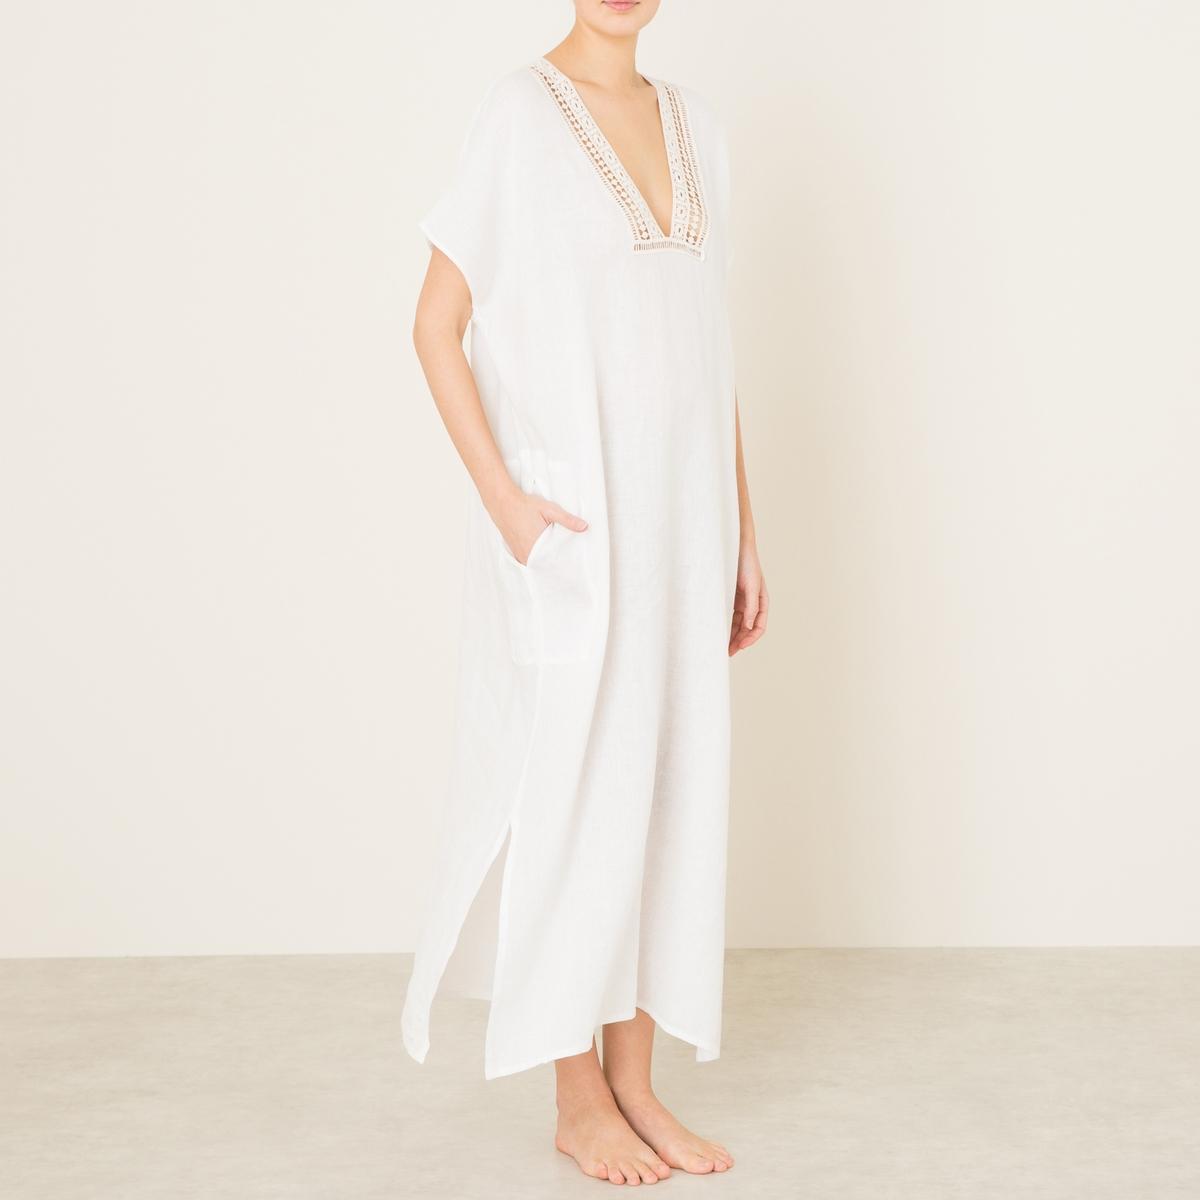 Платье из льнаСостав и описание    Материал : 100% лен   Длина : ок. 128 cм. для размера 36   Марка : HARTFORD<br><br>Цвет: экрю